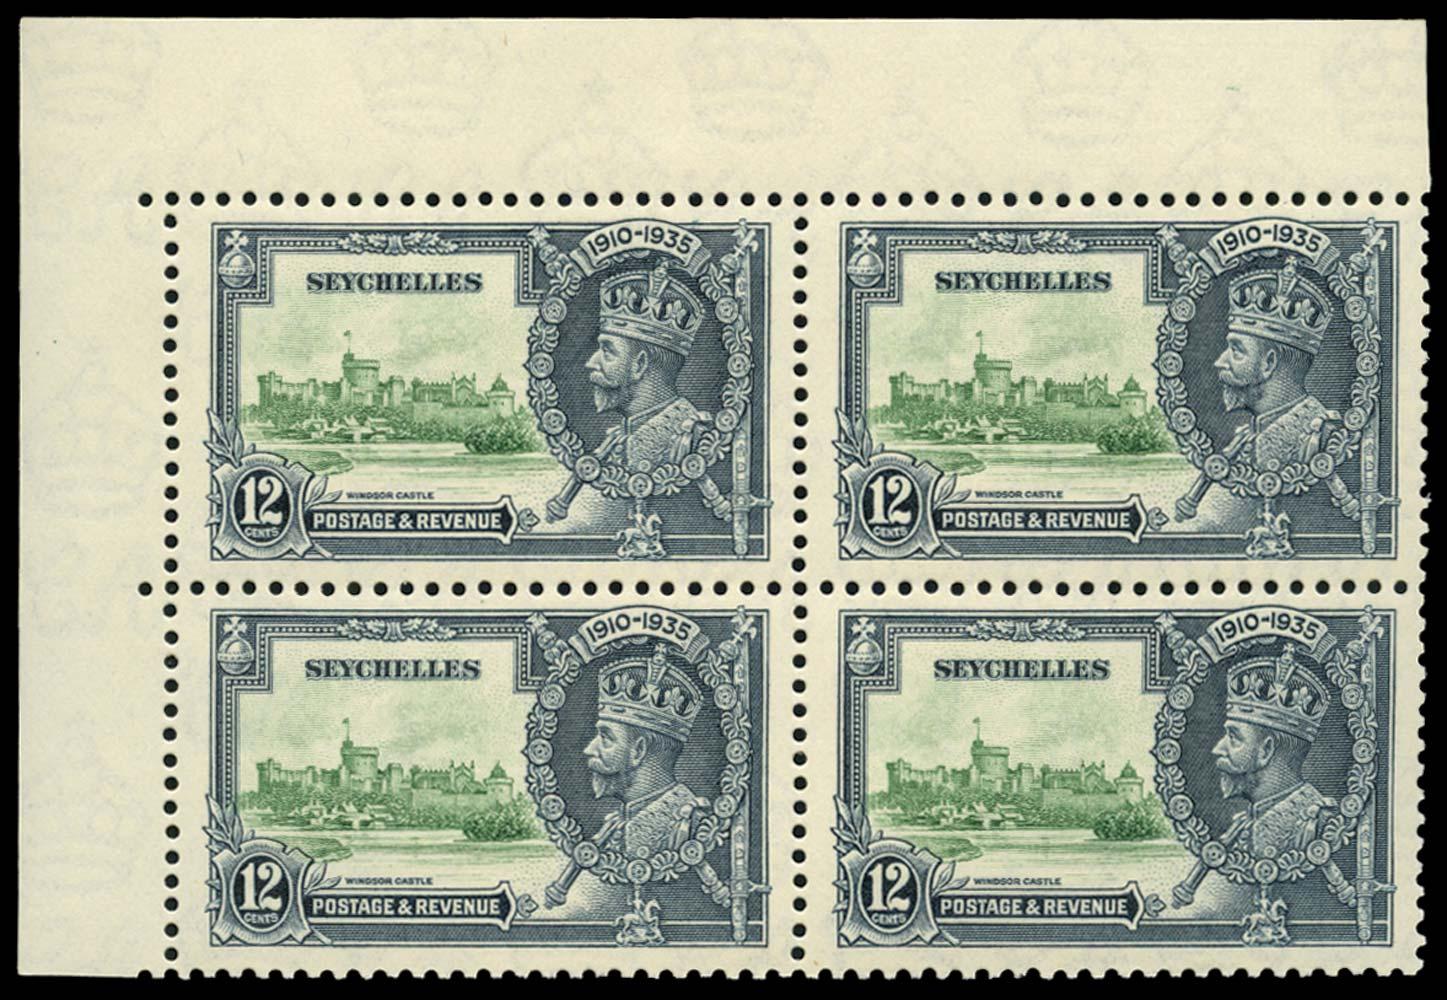 SEYCHELLES 1935  SG129/b Mint